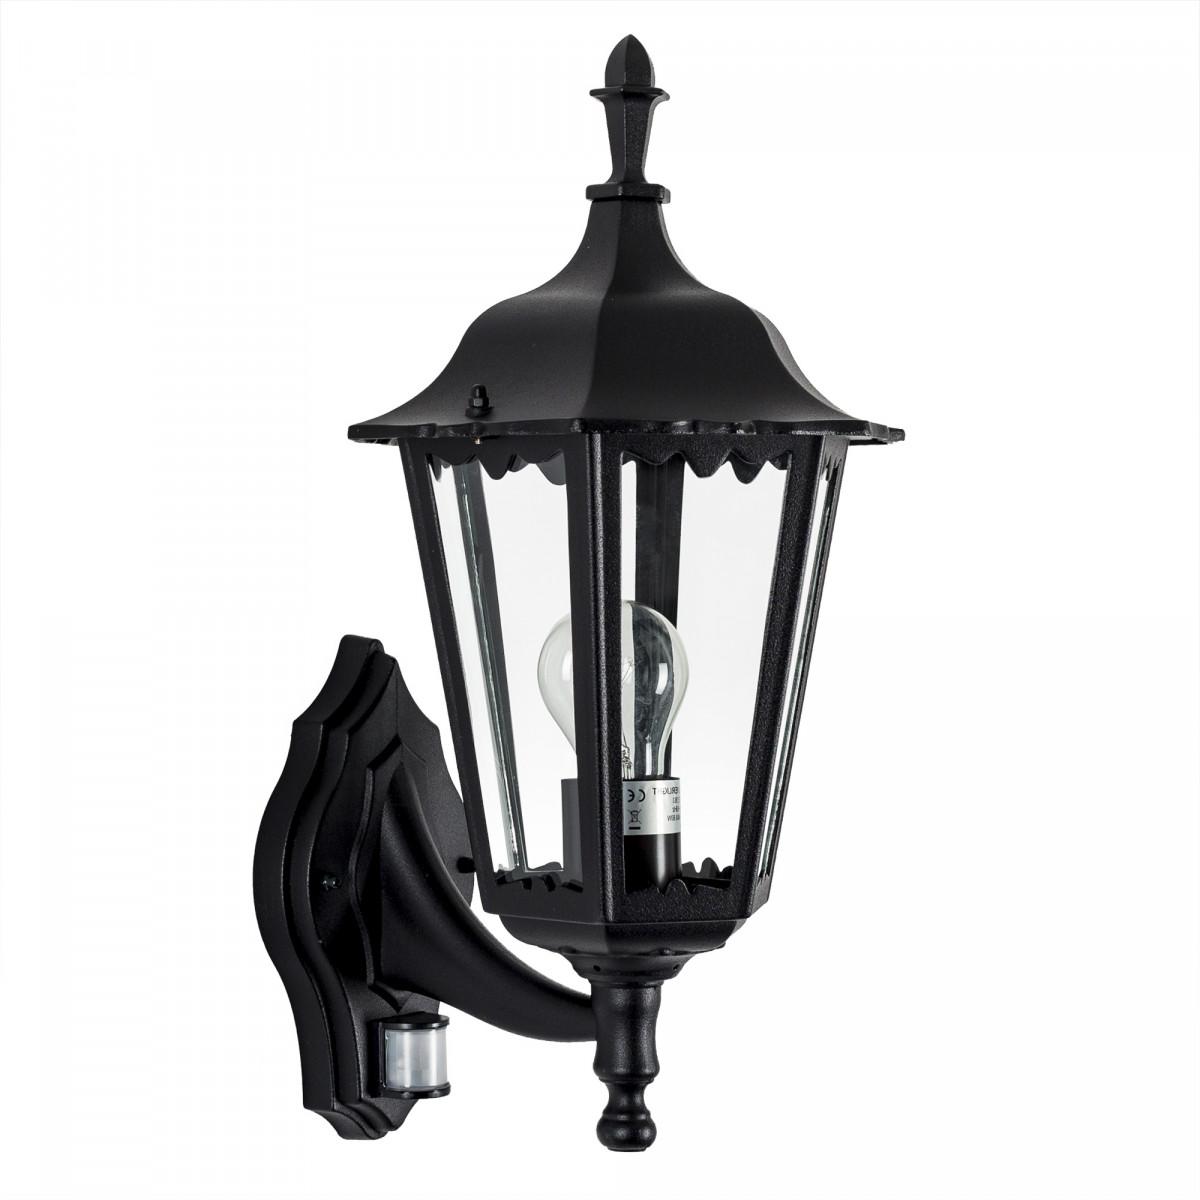 Buitenlamp met sensor - Ancona staand + bewegingssensor - KS Verlichting - Nostalux aanbieding